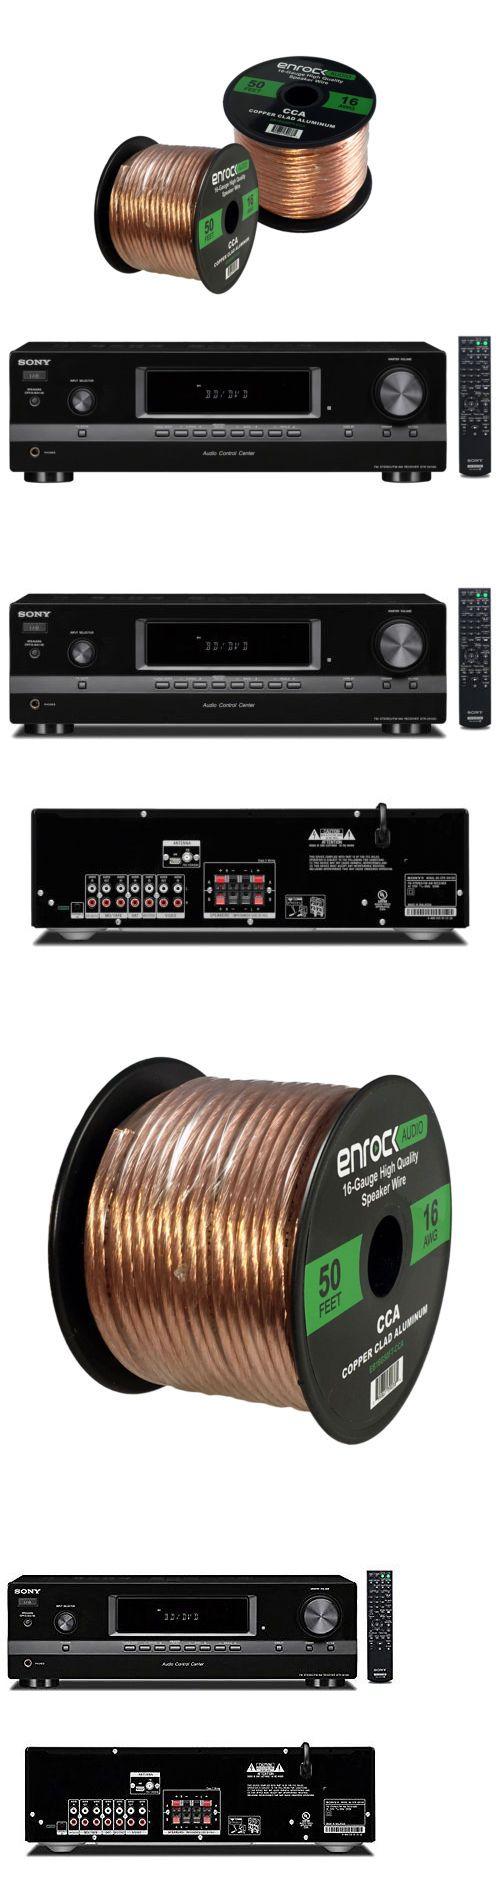 Accessory Bundles: Sony Strdh130 2-Channel Stereo Am Fm Receiver, 50Ft 16Gauge Enrock Speaker Wire -> BUY IT NOW ONLY: $165.99 on eBay!